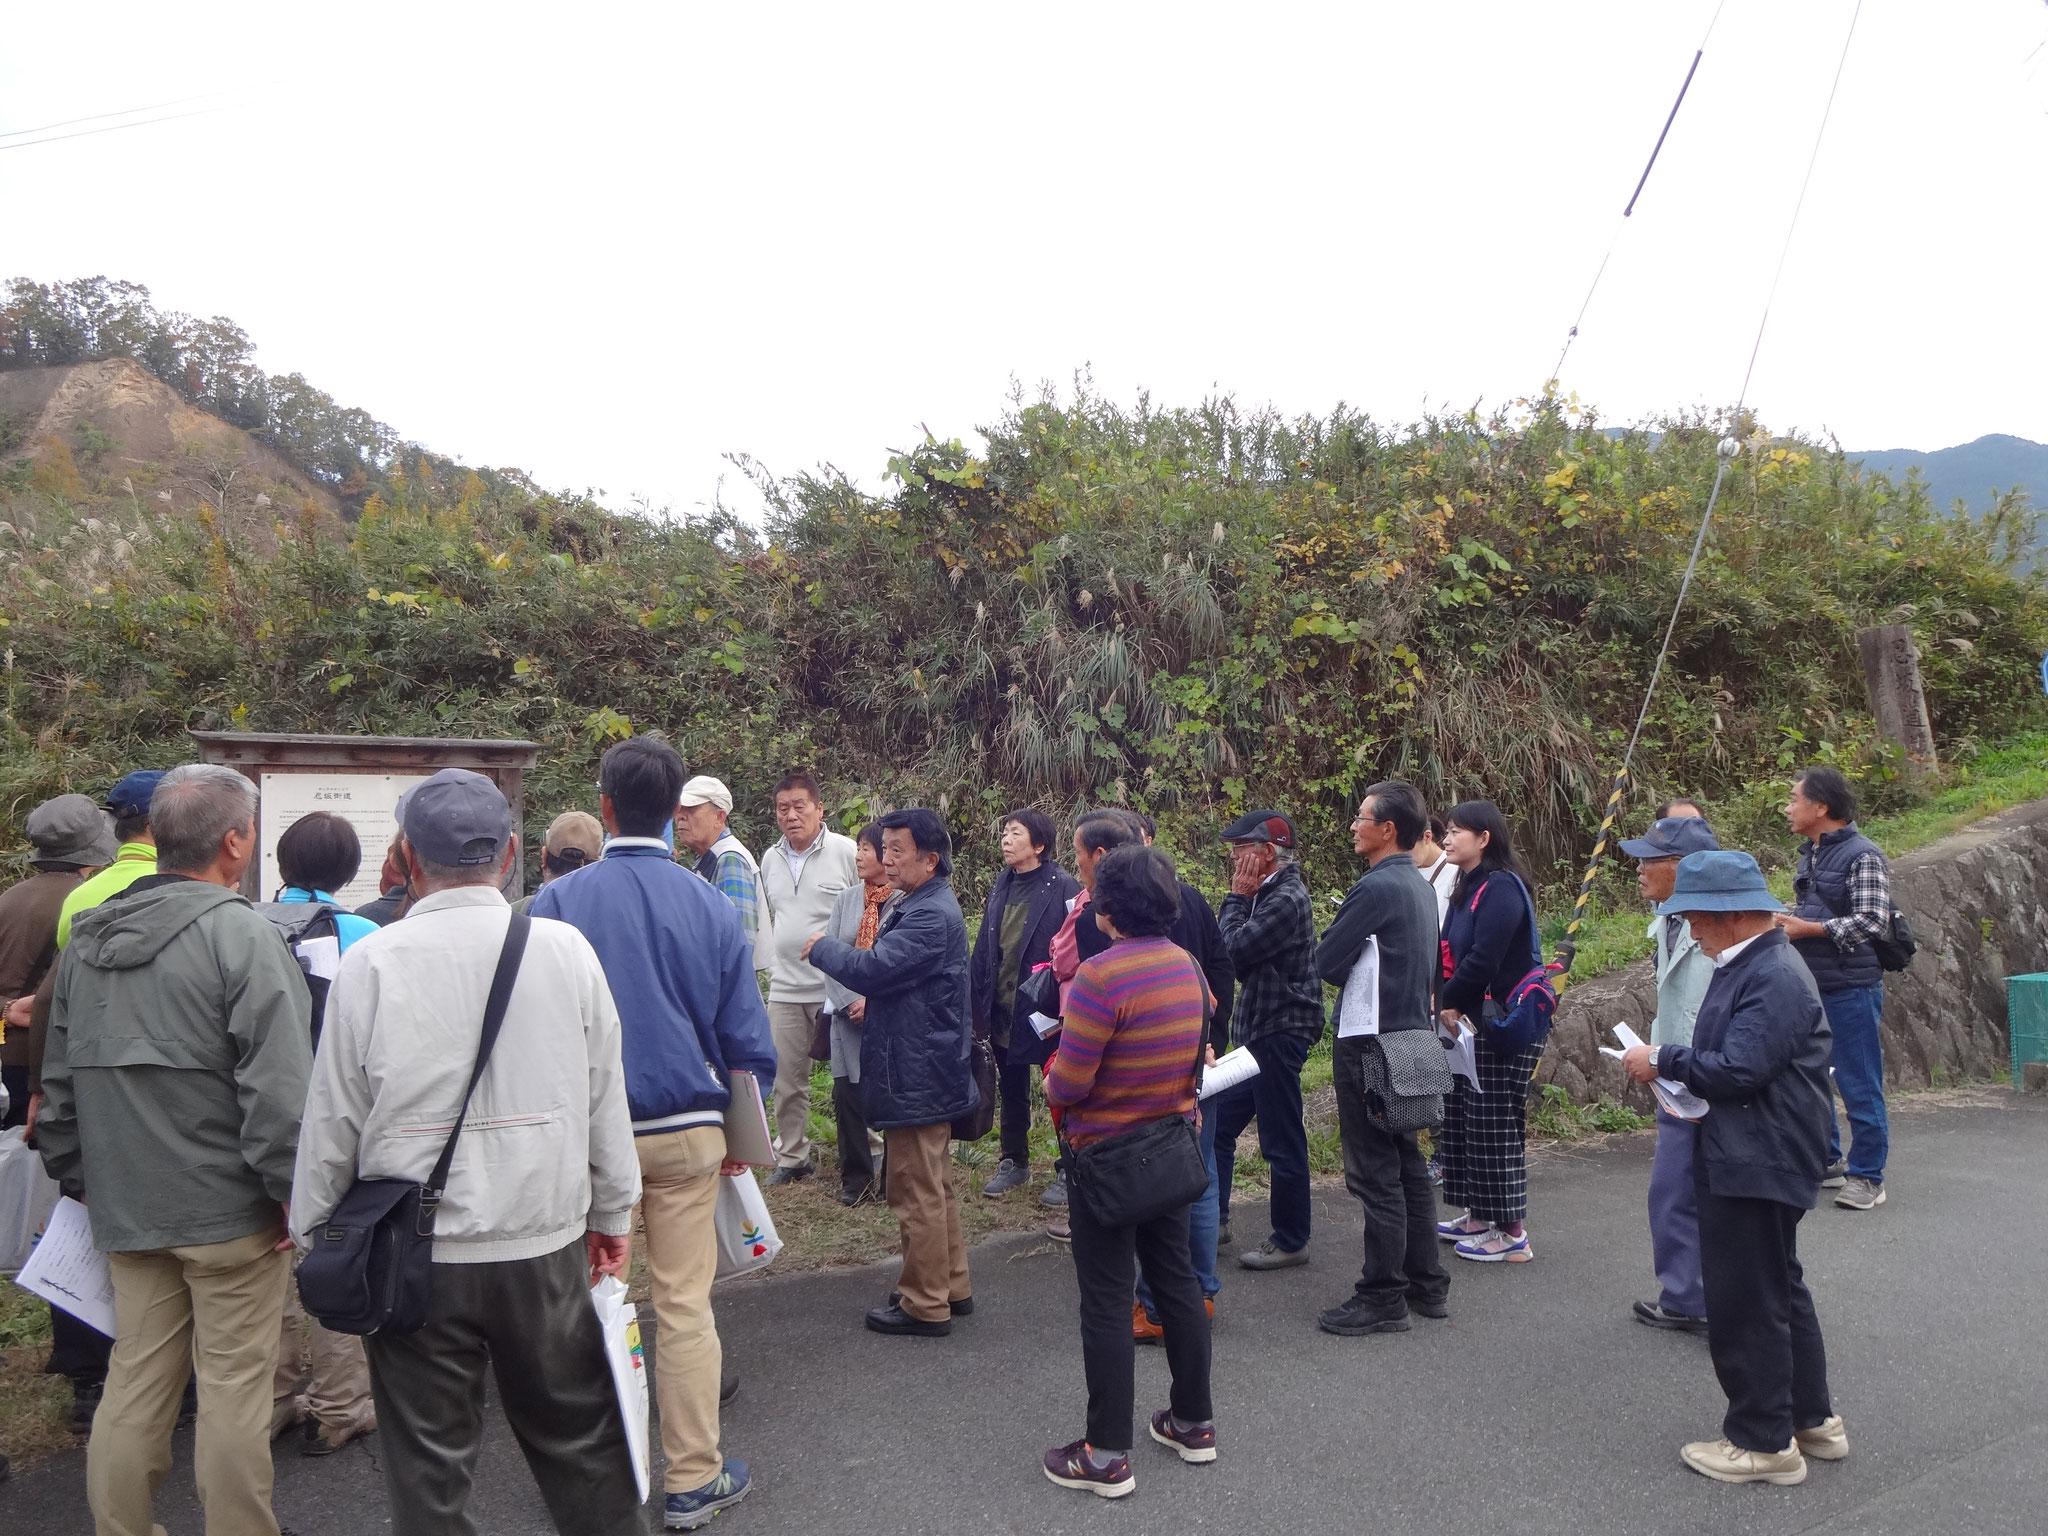 忍坂道伝承地道の石碑(左上)前で、岡田教授の説明が・・・